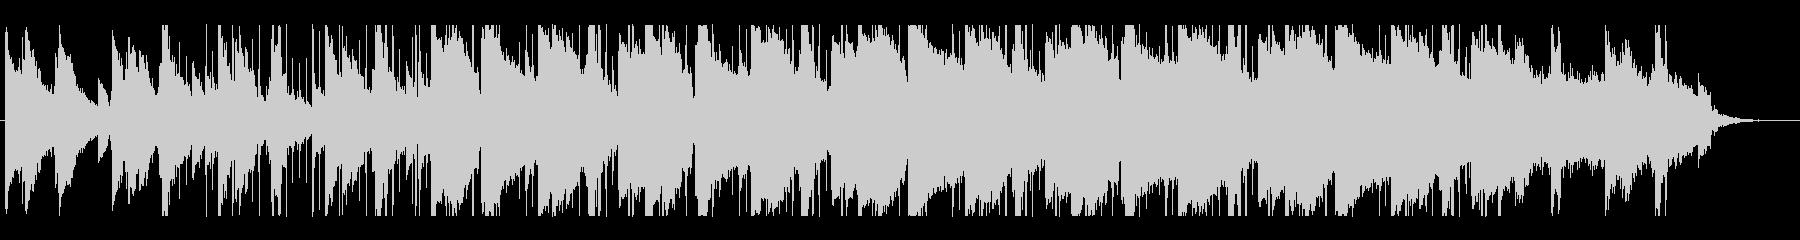 ピアノ/ストリングス/チル/hiphopの未再生の波形